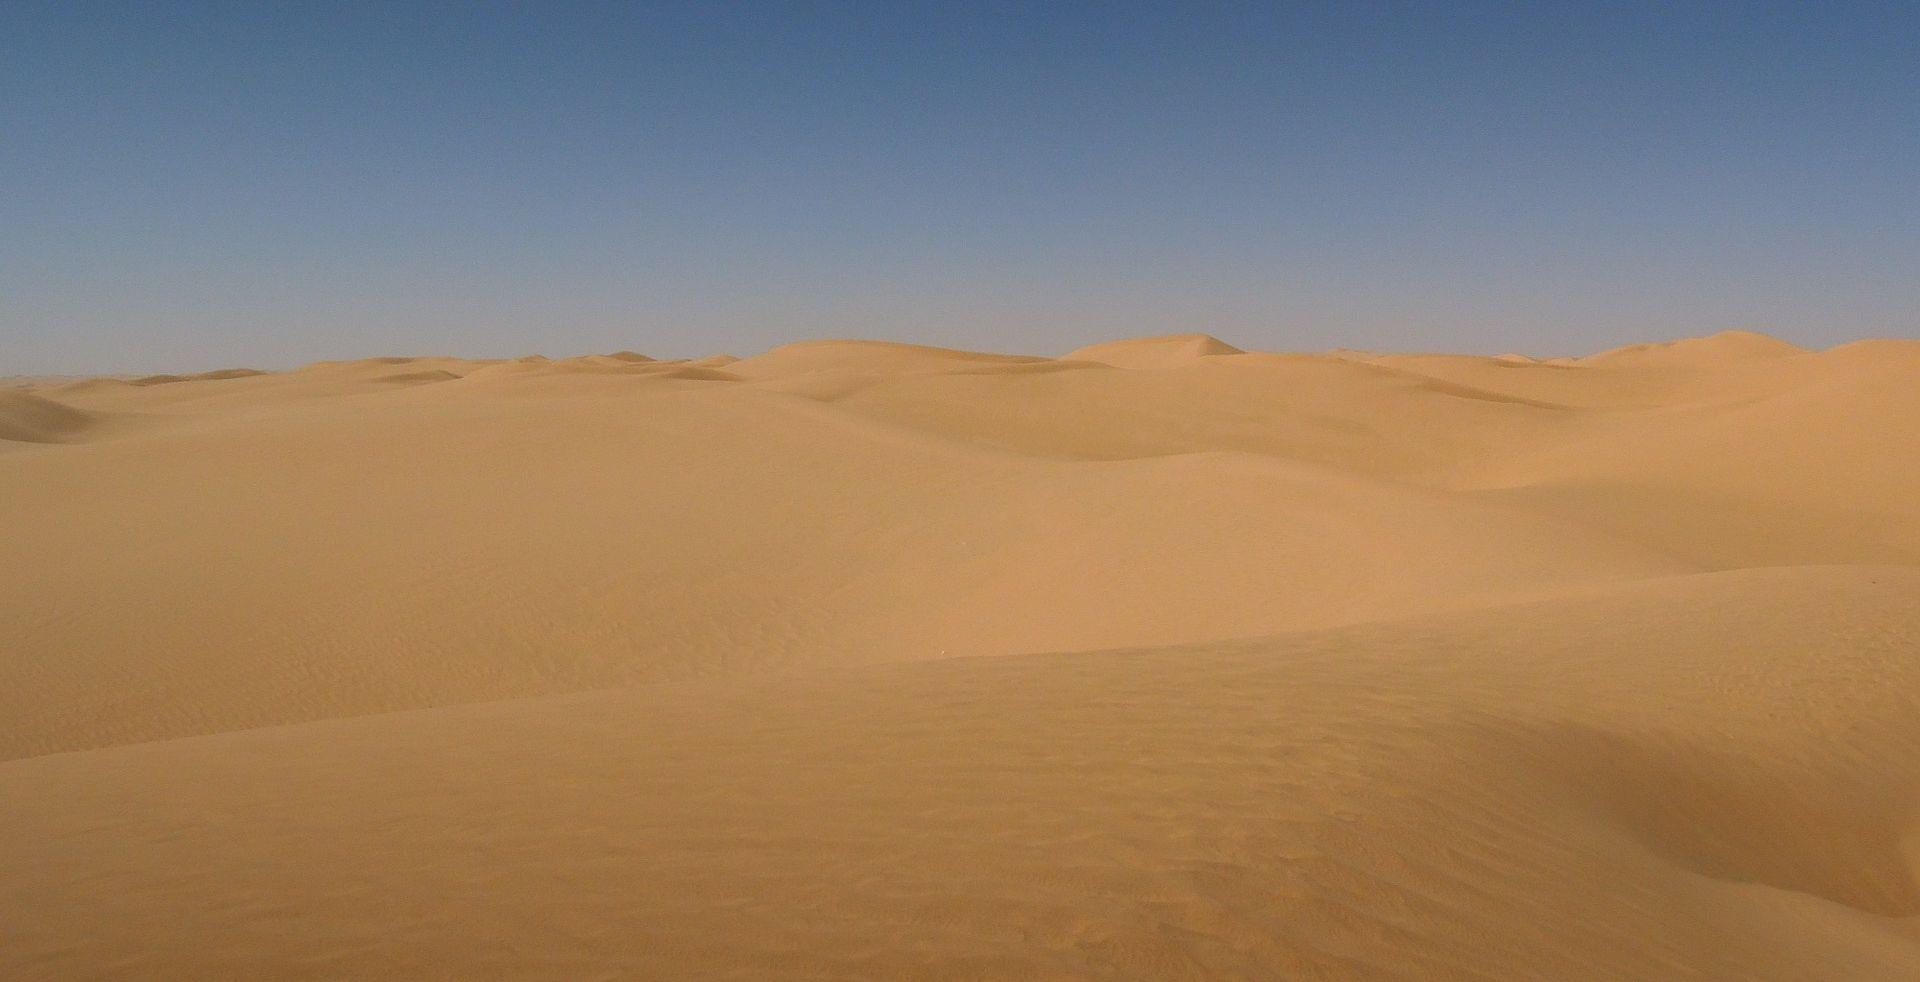 CRVENI KRIŽ Najmanje 44 migranta umrlo u Sahari od žeđi